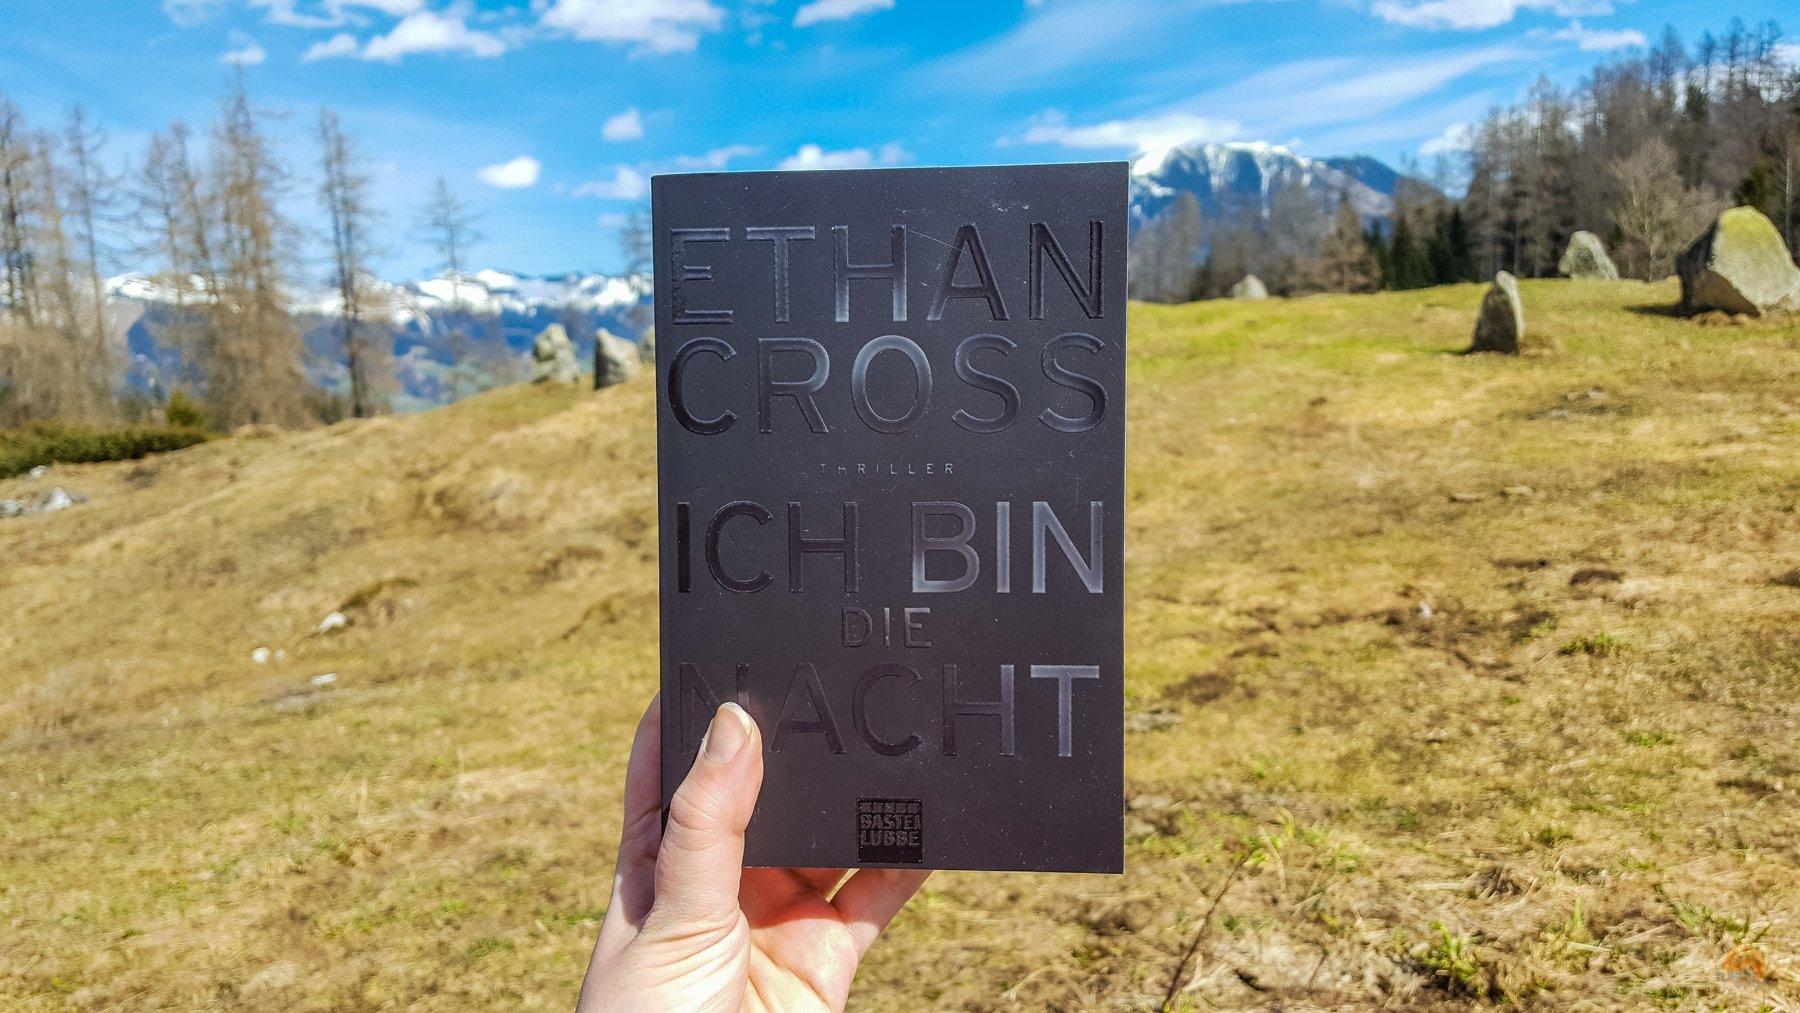 Rezensionen - Ich bin die Nacht - Ethan Cross